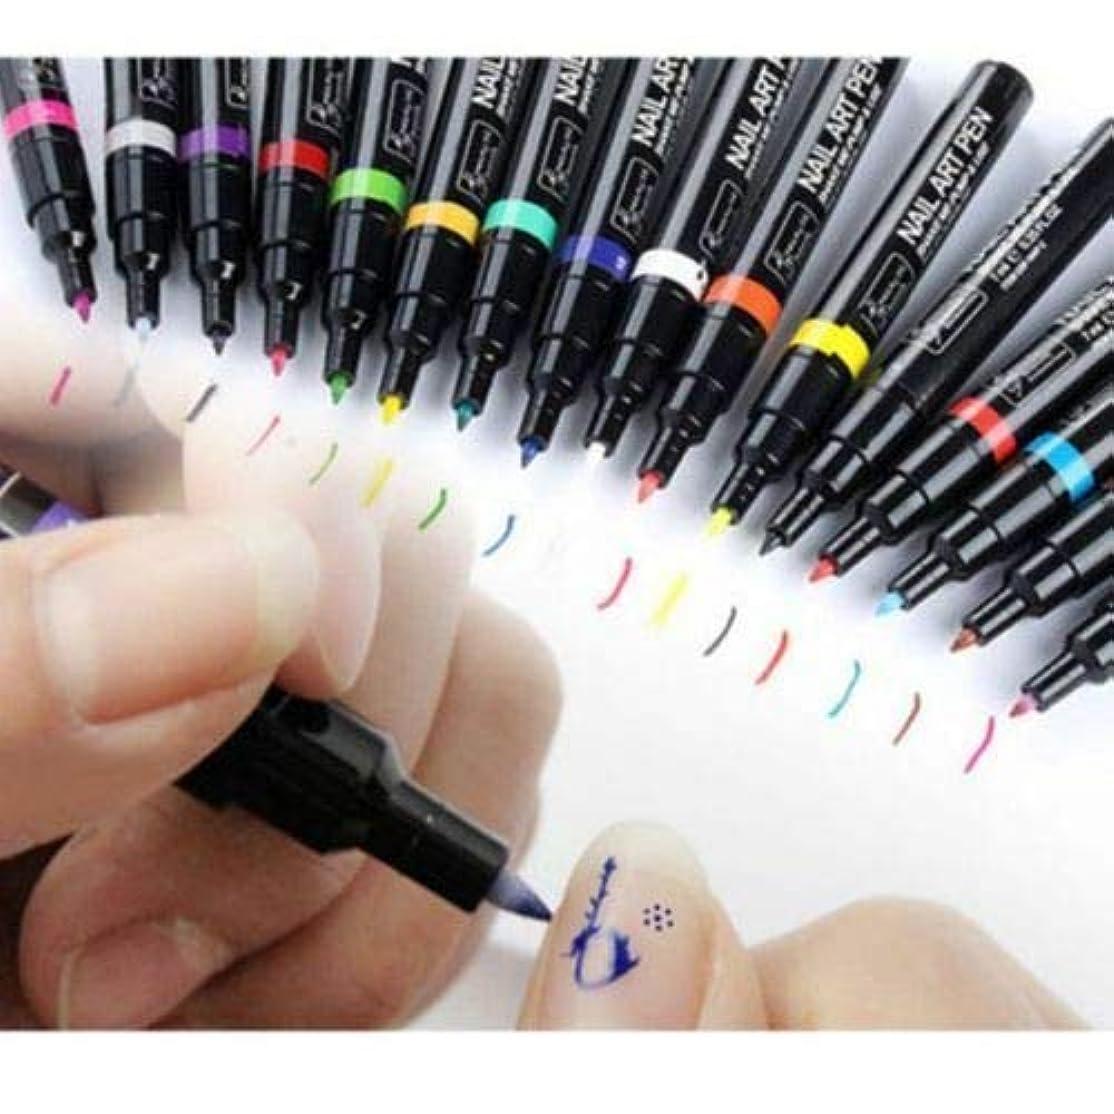 ズーム粘液FidgetGear 16色ネイルアートペン絵画デザインツールデッサン用uvジェルポリッシュマニキュア